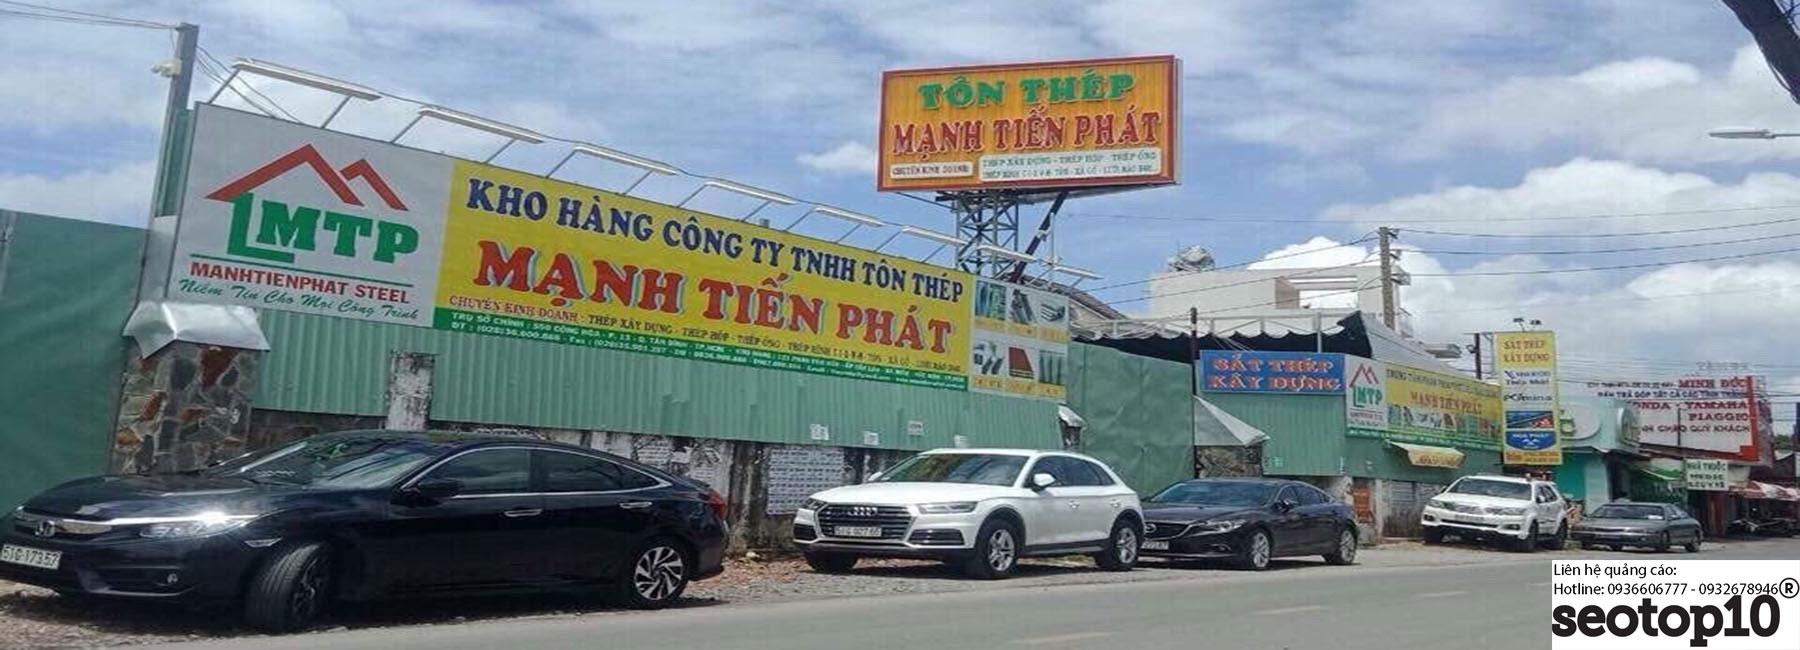 Top 7 Địa Chỉ Cung Cấp Vật Liệu Xây Dựng Uy Tín Tại TP HCM